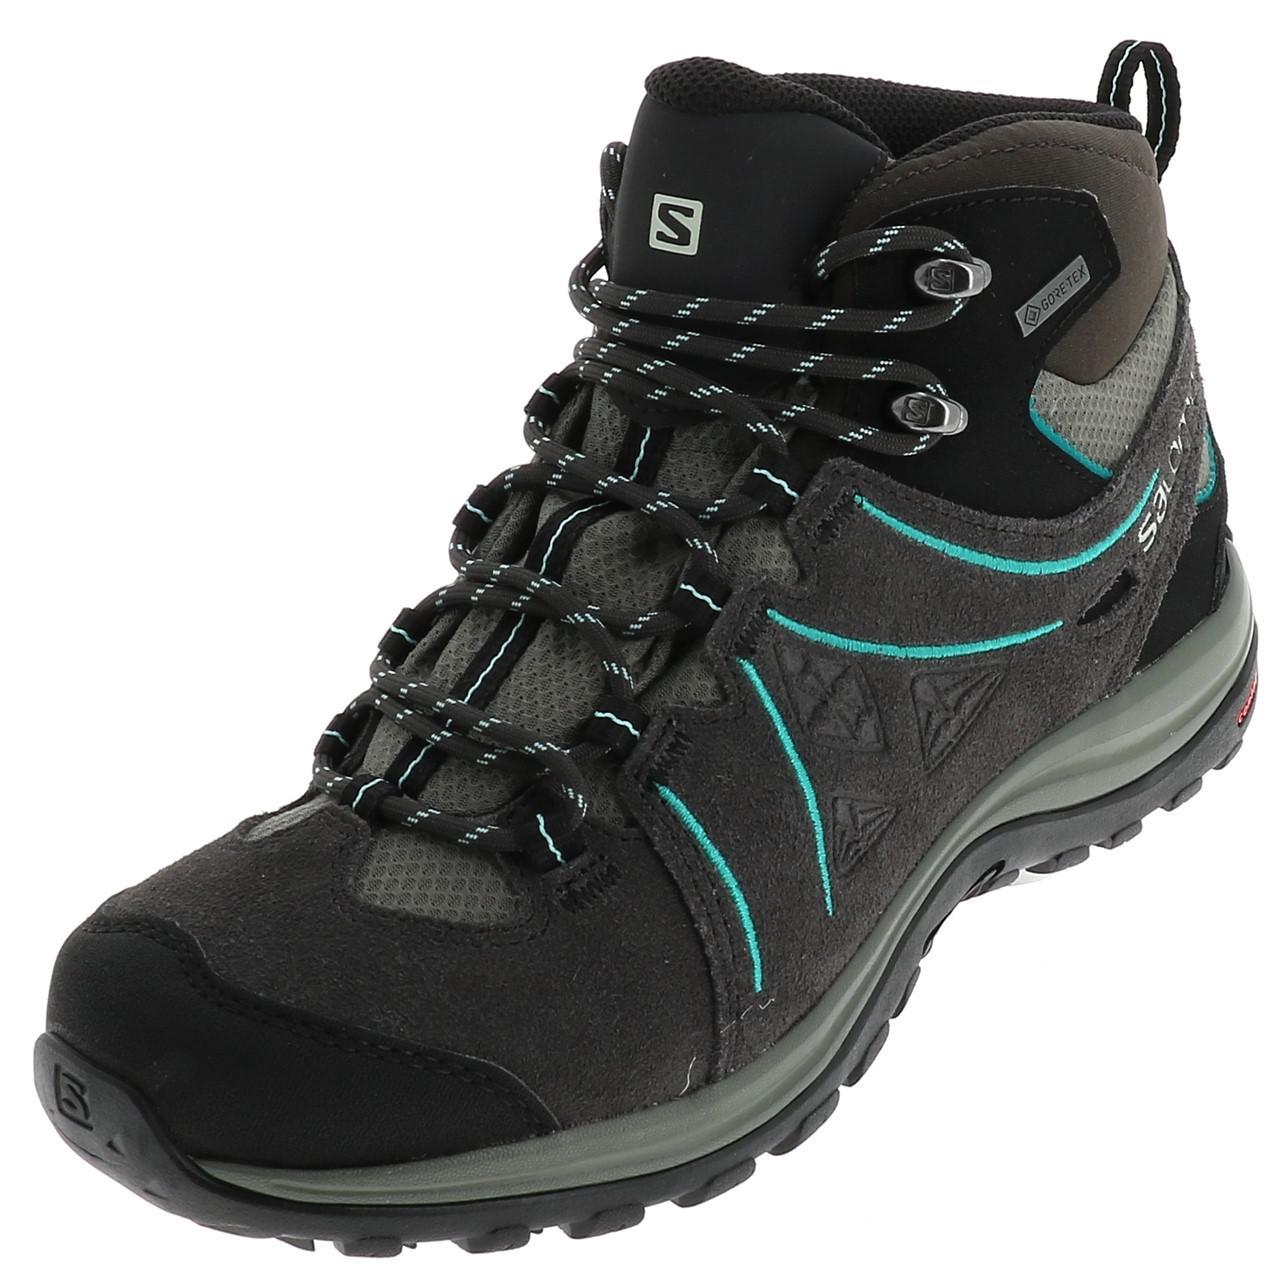 Détails sur Chaussures marche randonnées Salomon Ellipse mid ltr gtx anth l Gris 90752 Neu